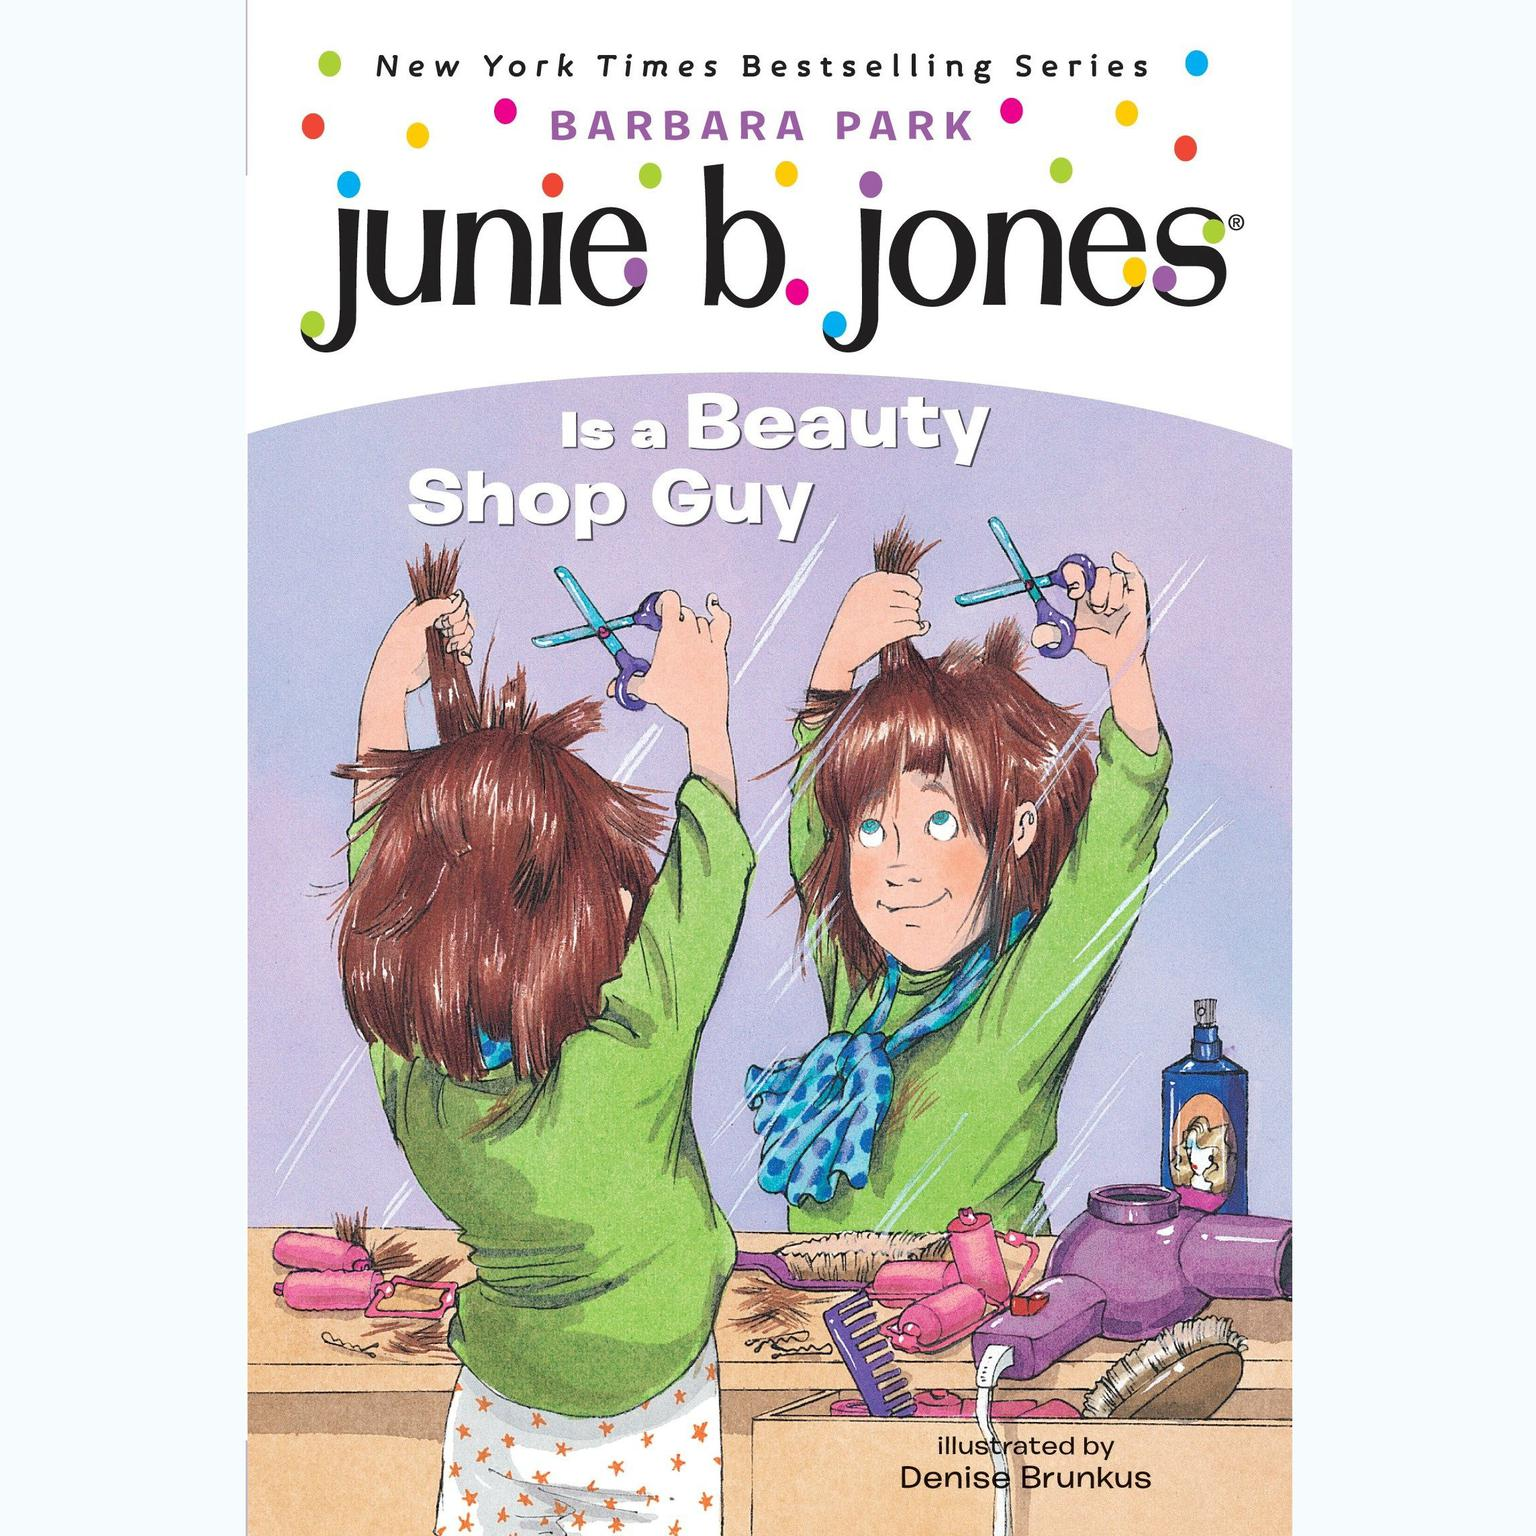 Junie B. Jones is a Beauty Shop Guy: Junie B.Jones #11 Audiobook, by Barbara Park